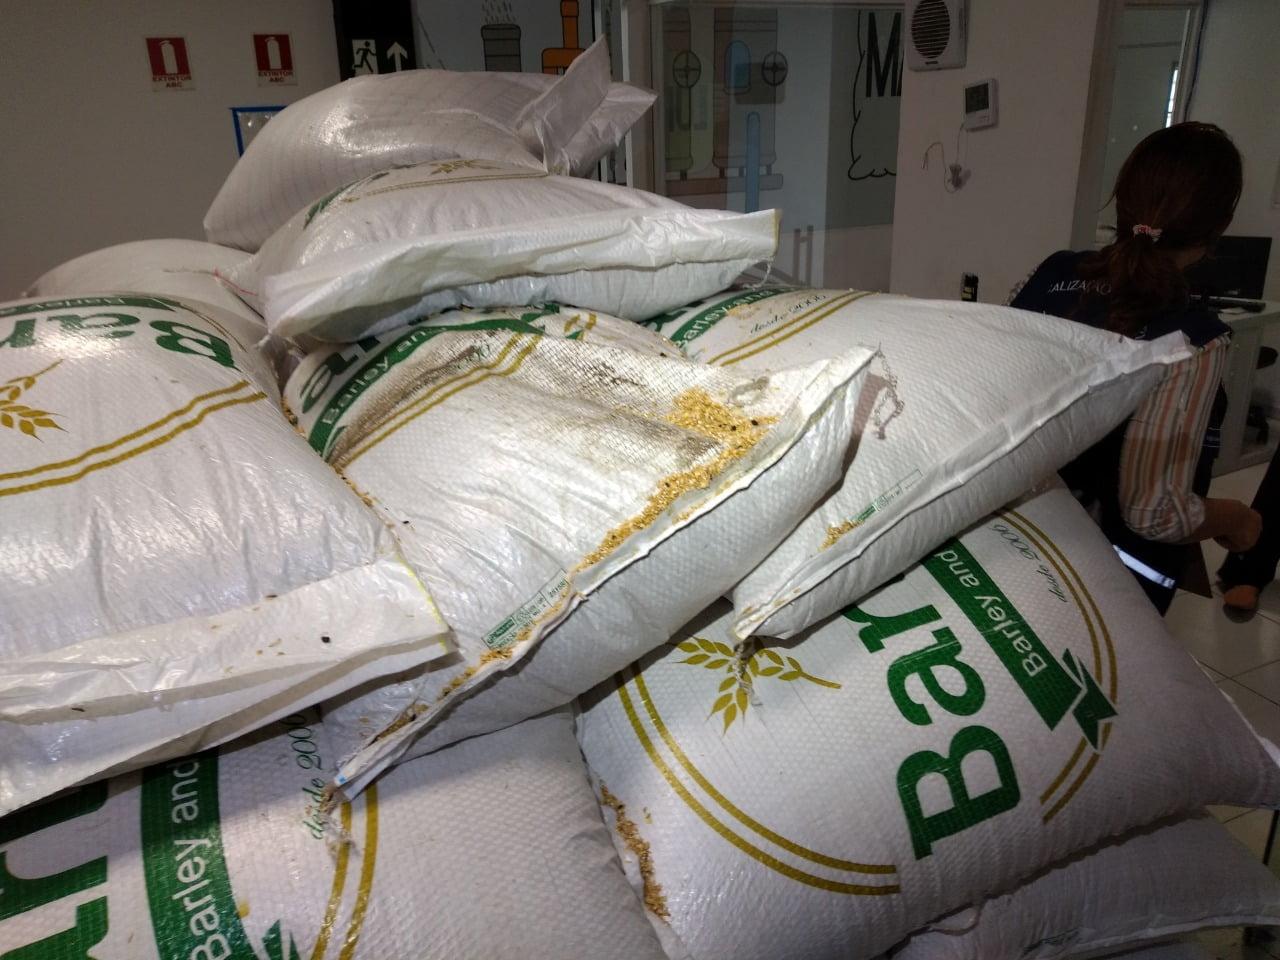 Fábrica de cerveja artesanal é interditada por irregularidades sanitárias